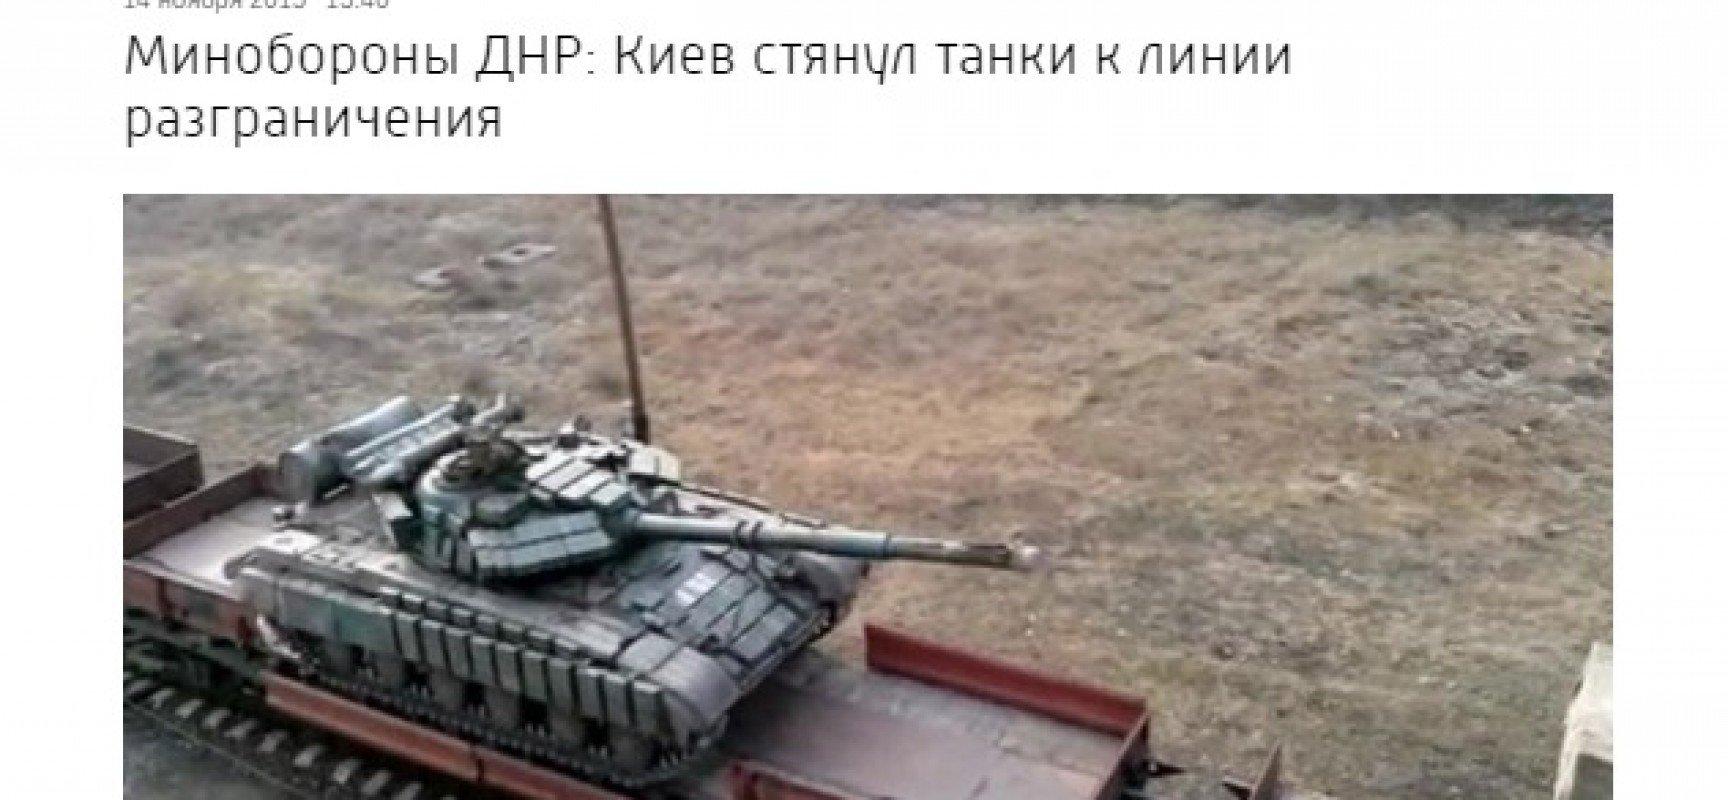 vesti.ru_-1728x800_c